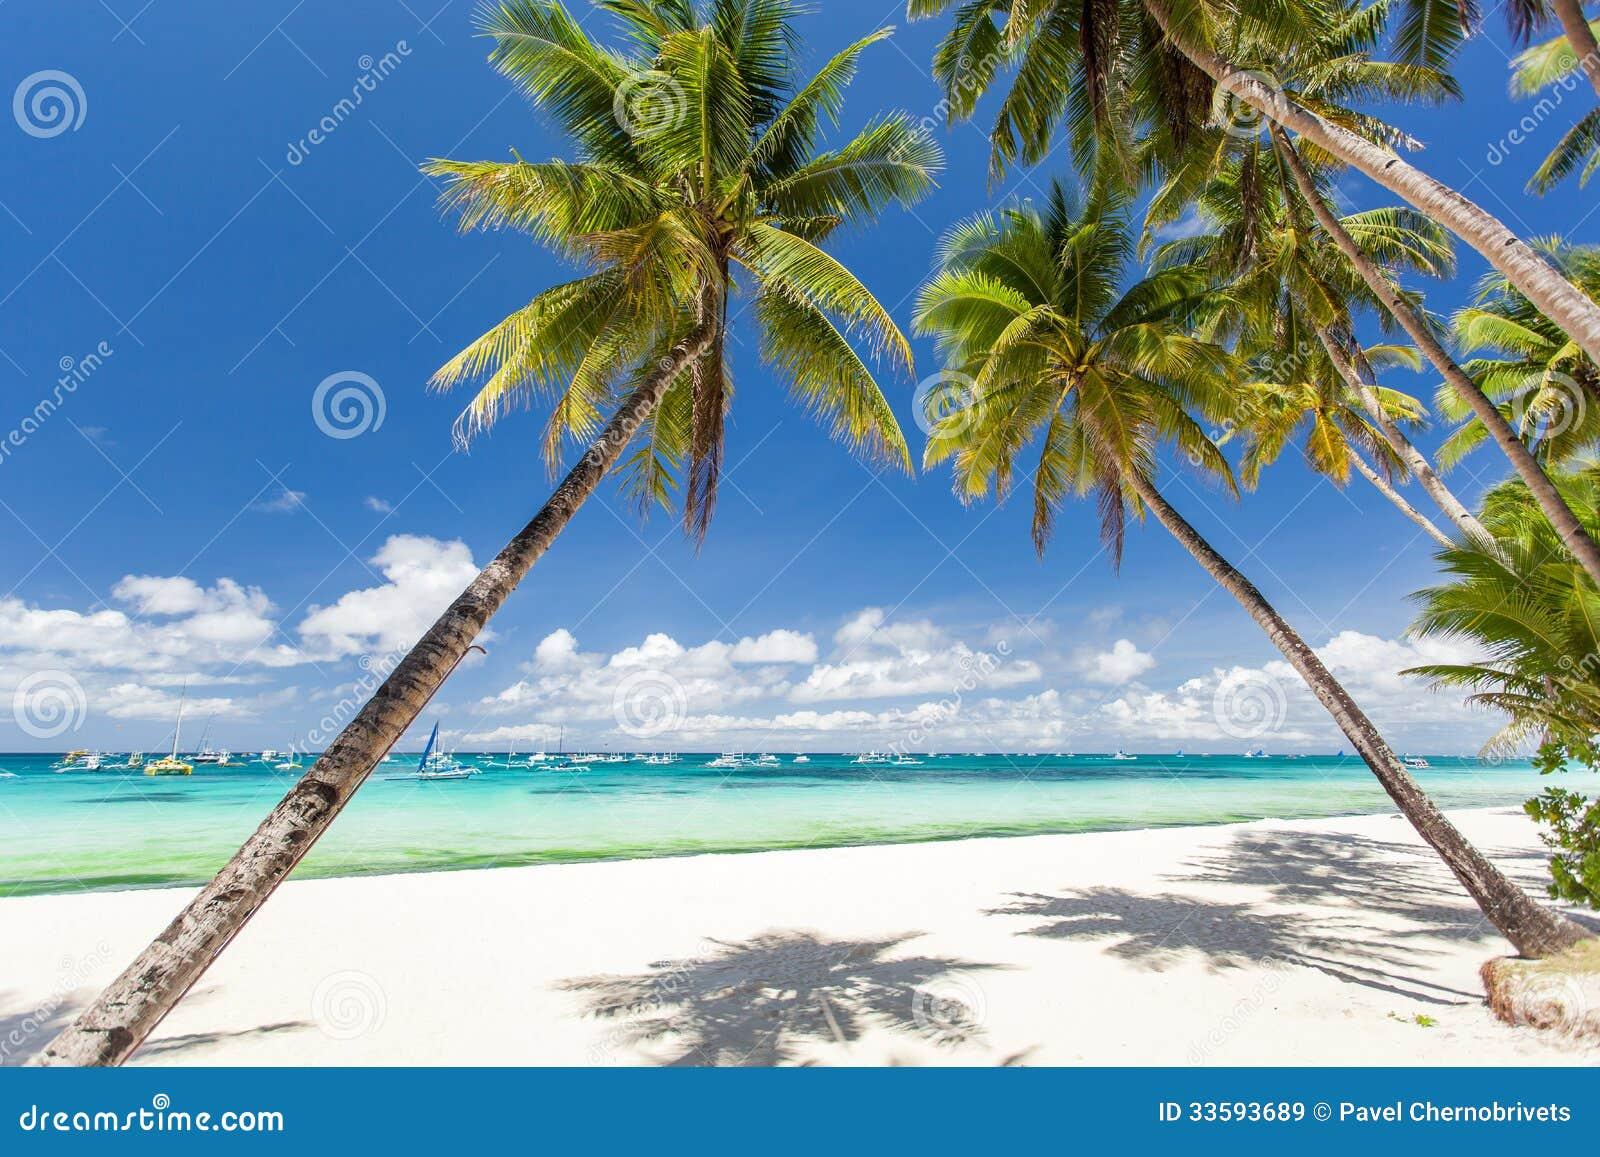 Tropisch strand met mooie palmen en wit zand